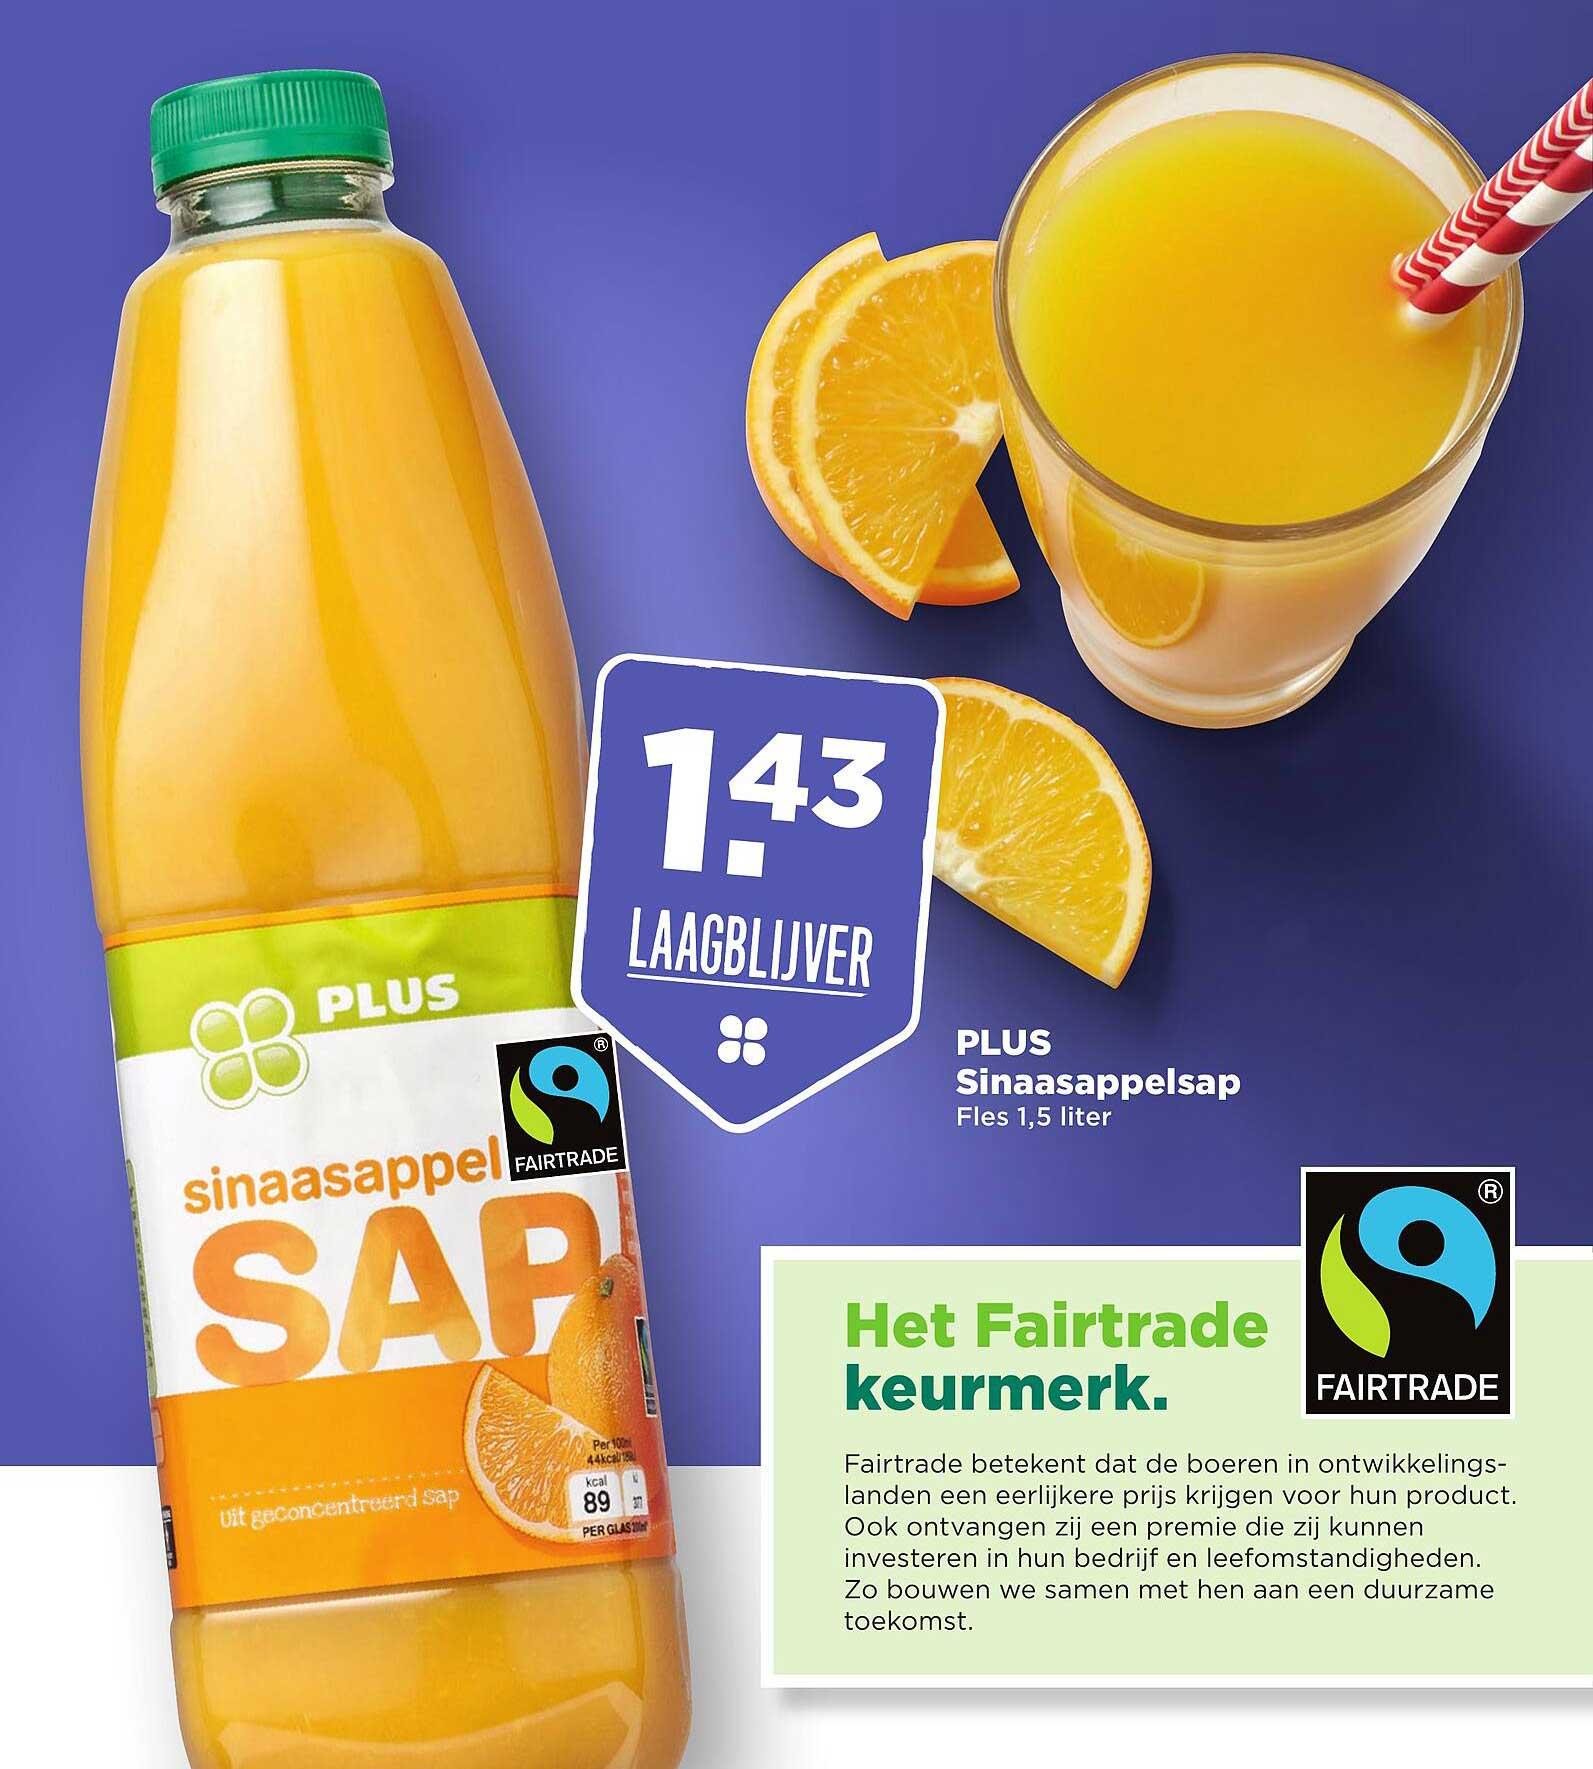 PLUS Plus Sinaasappelsap